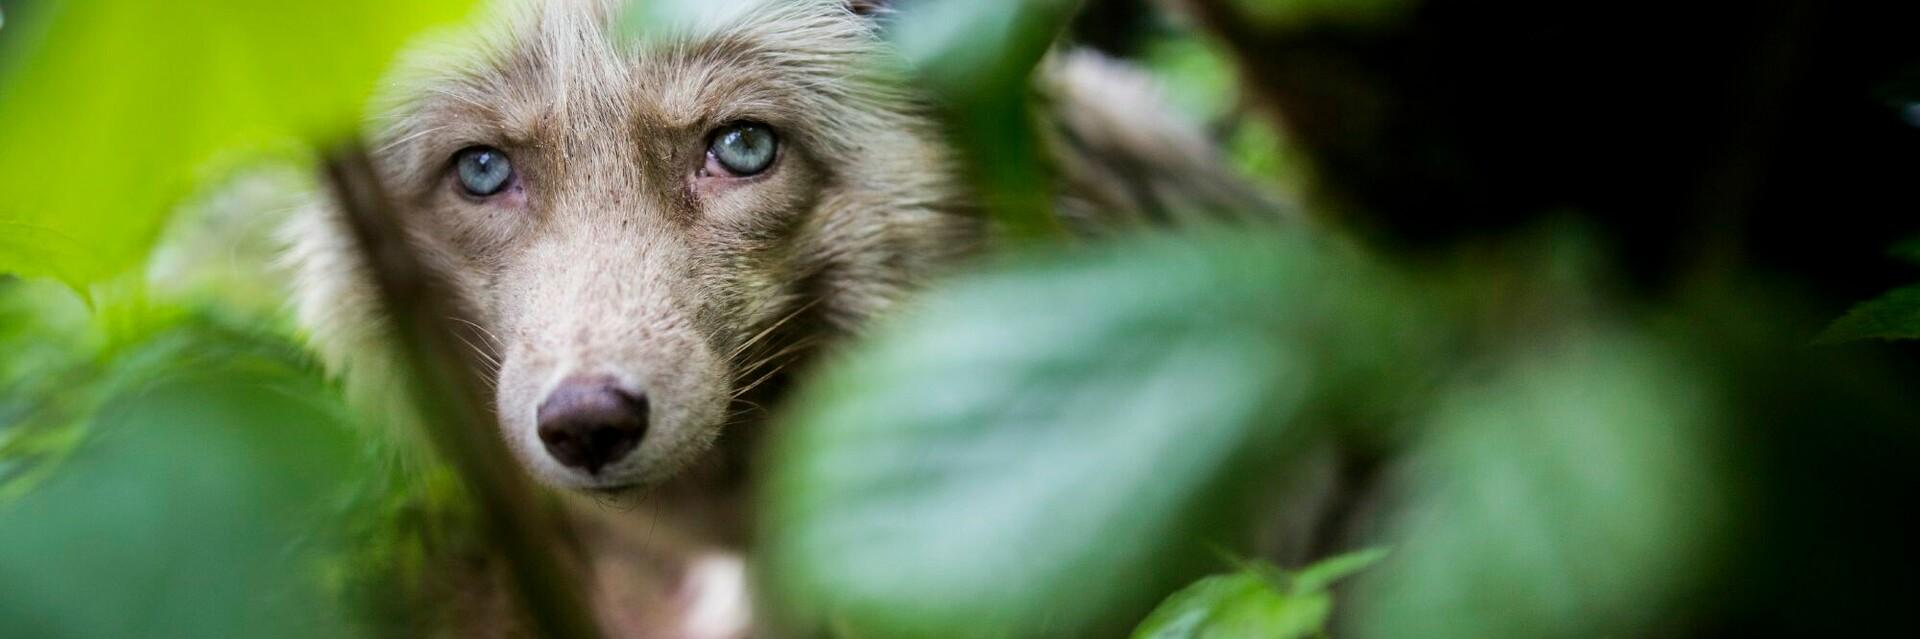 Zoe the fox